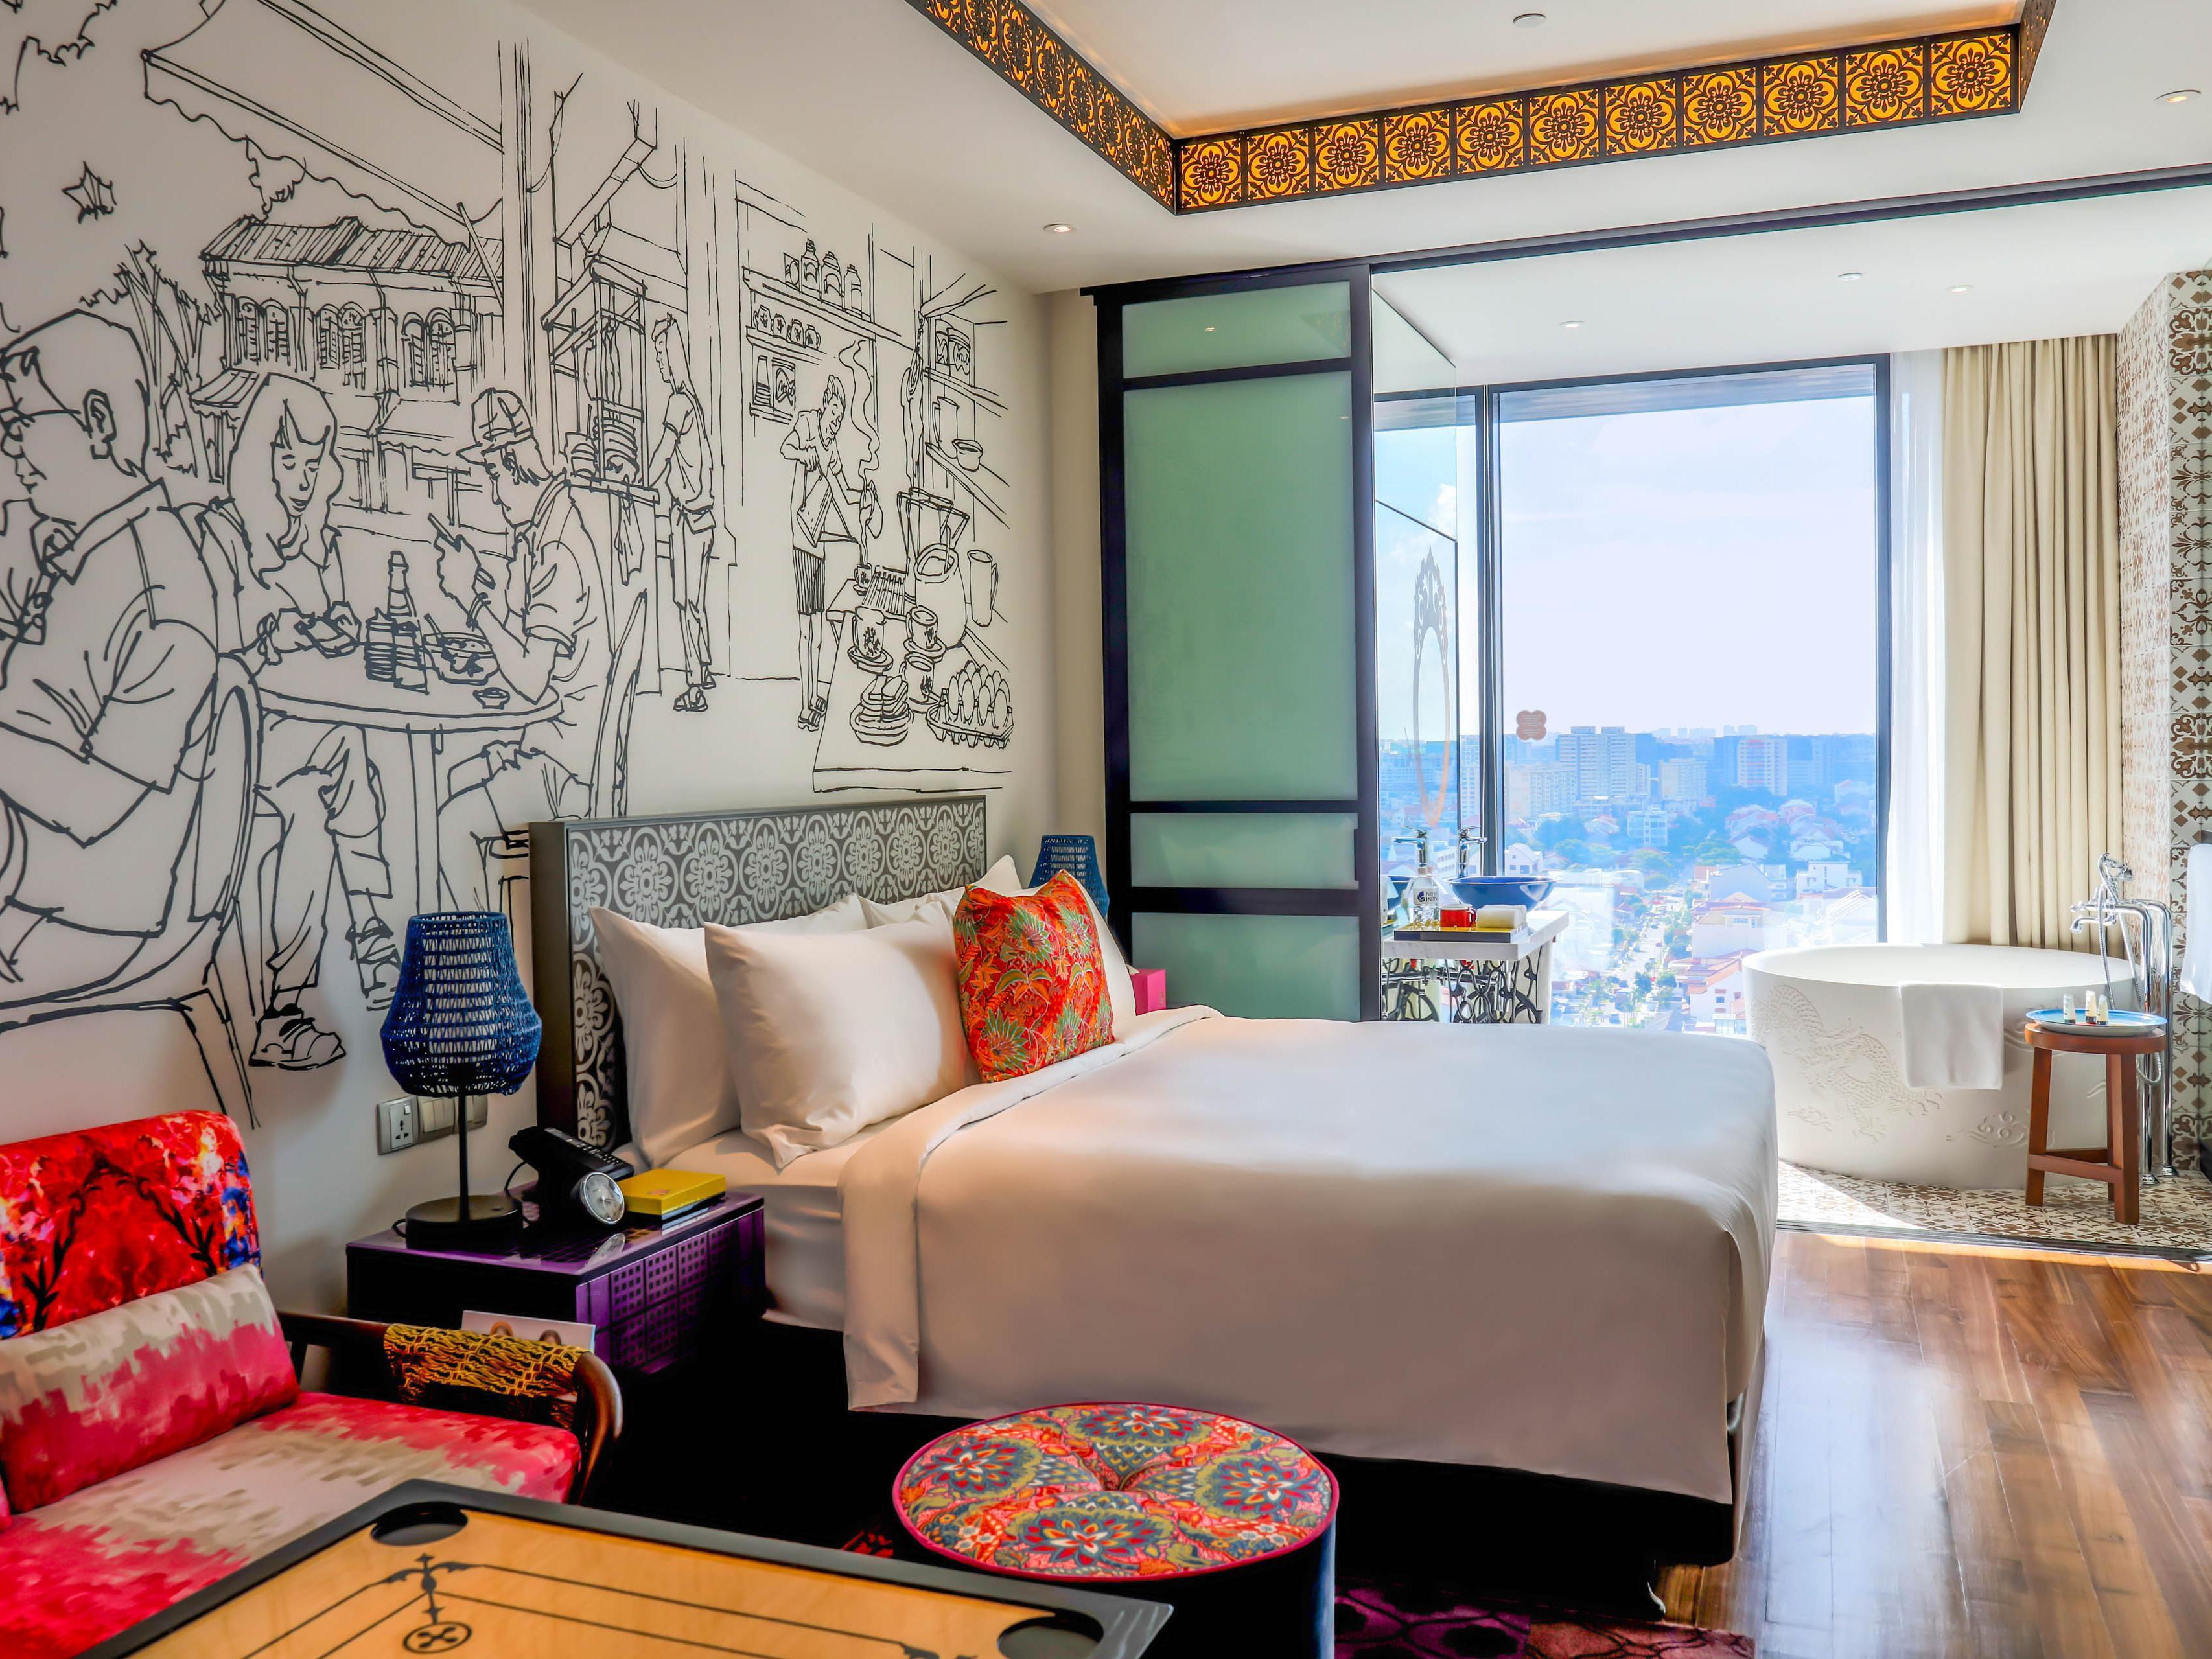 Singapore Hotels: Hotel Indigo Singapore Katong Hotel in Singapore,